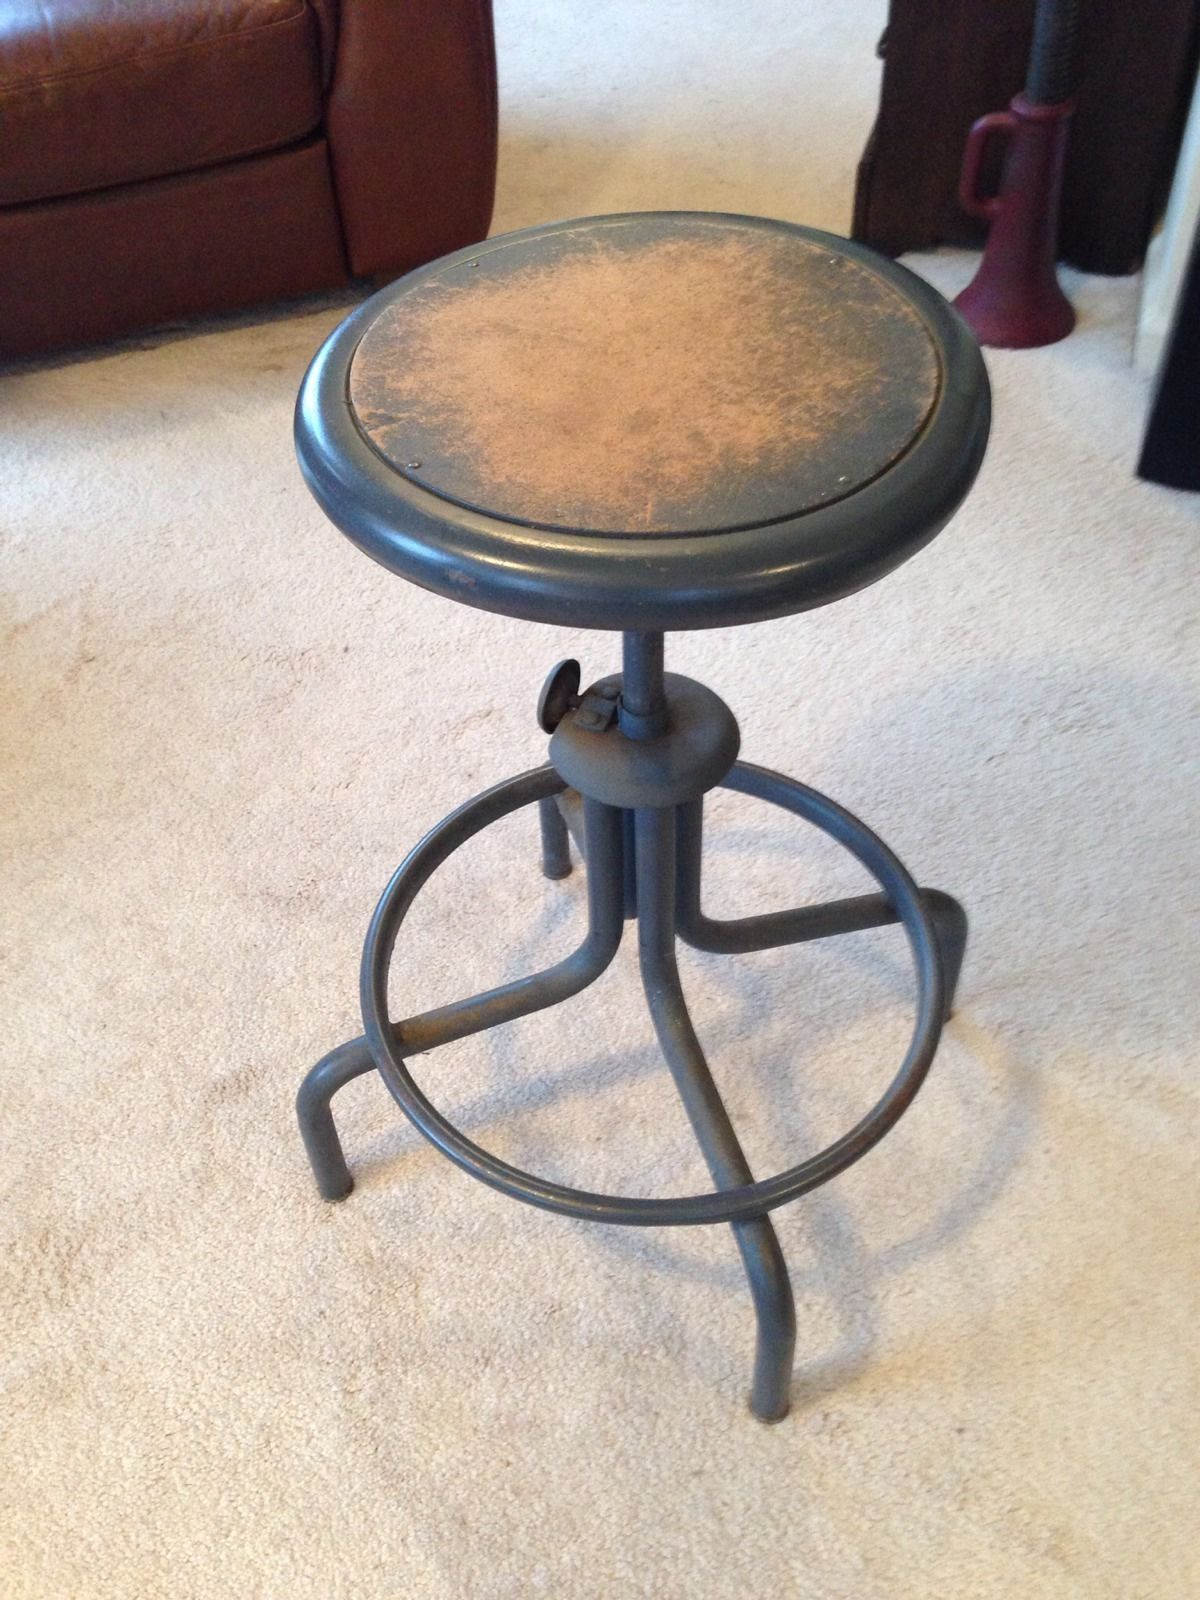 Vintage Industrial Factory Adjustable Drafting Work Shop Stool Chair Metal Ebay Metal Chairs Shop Stool Stool Chair